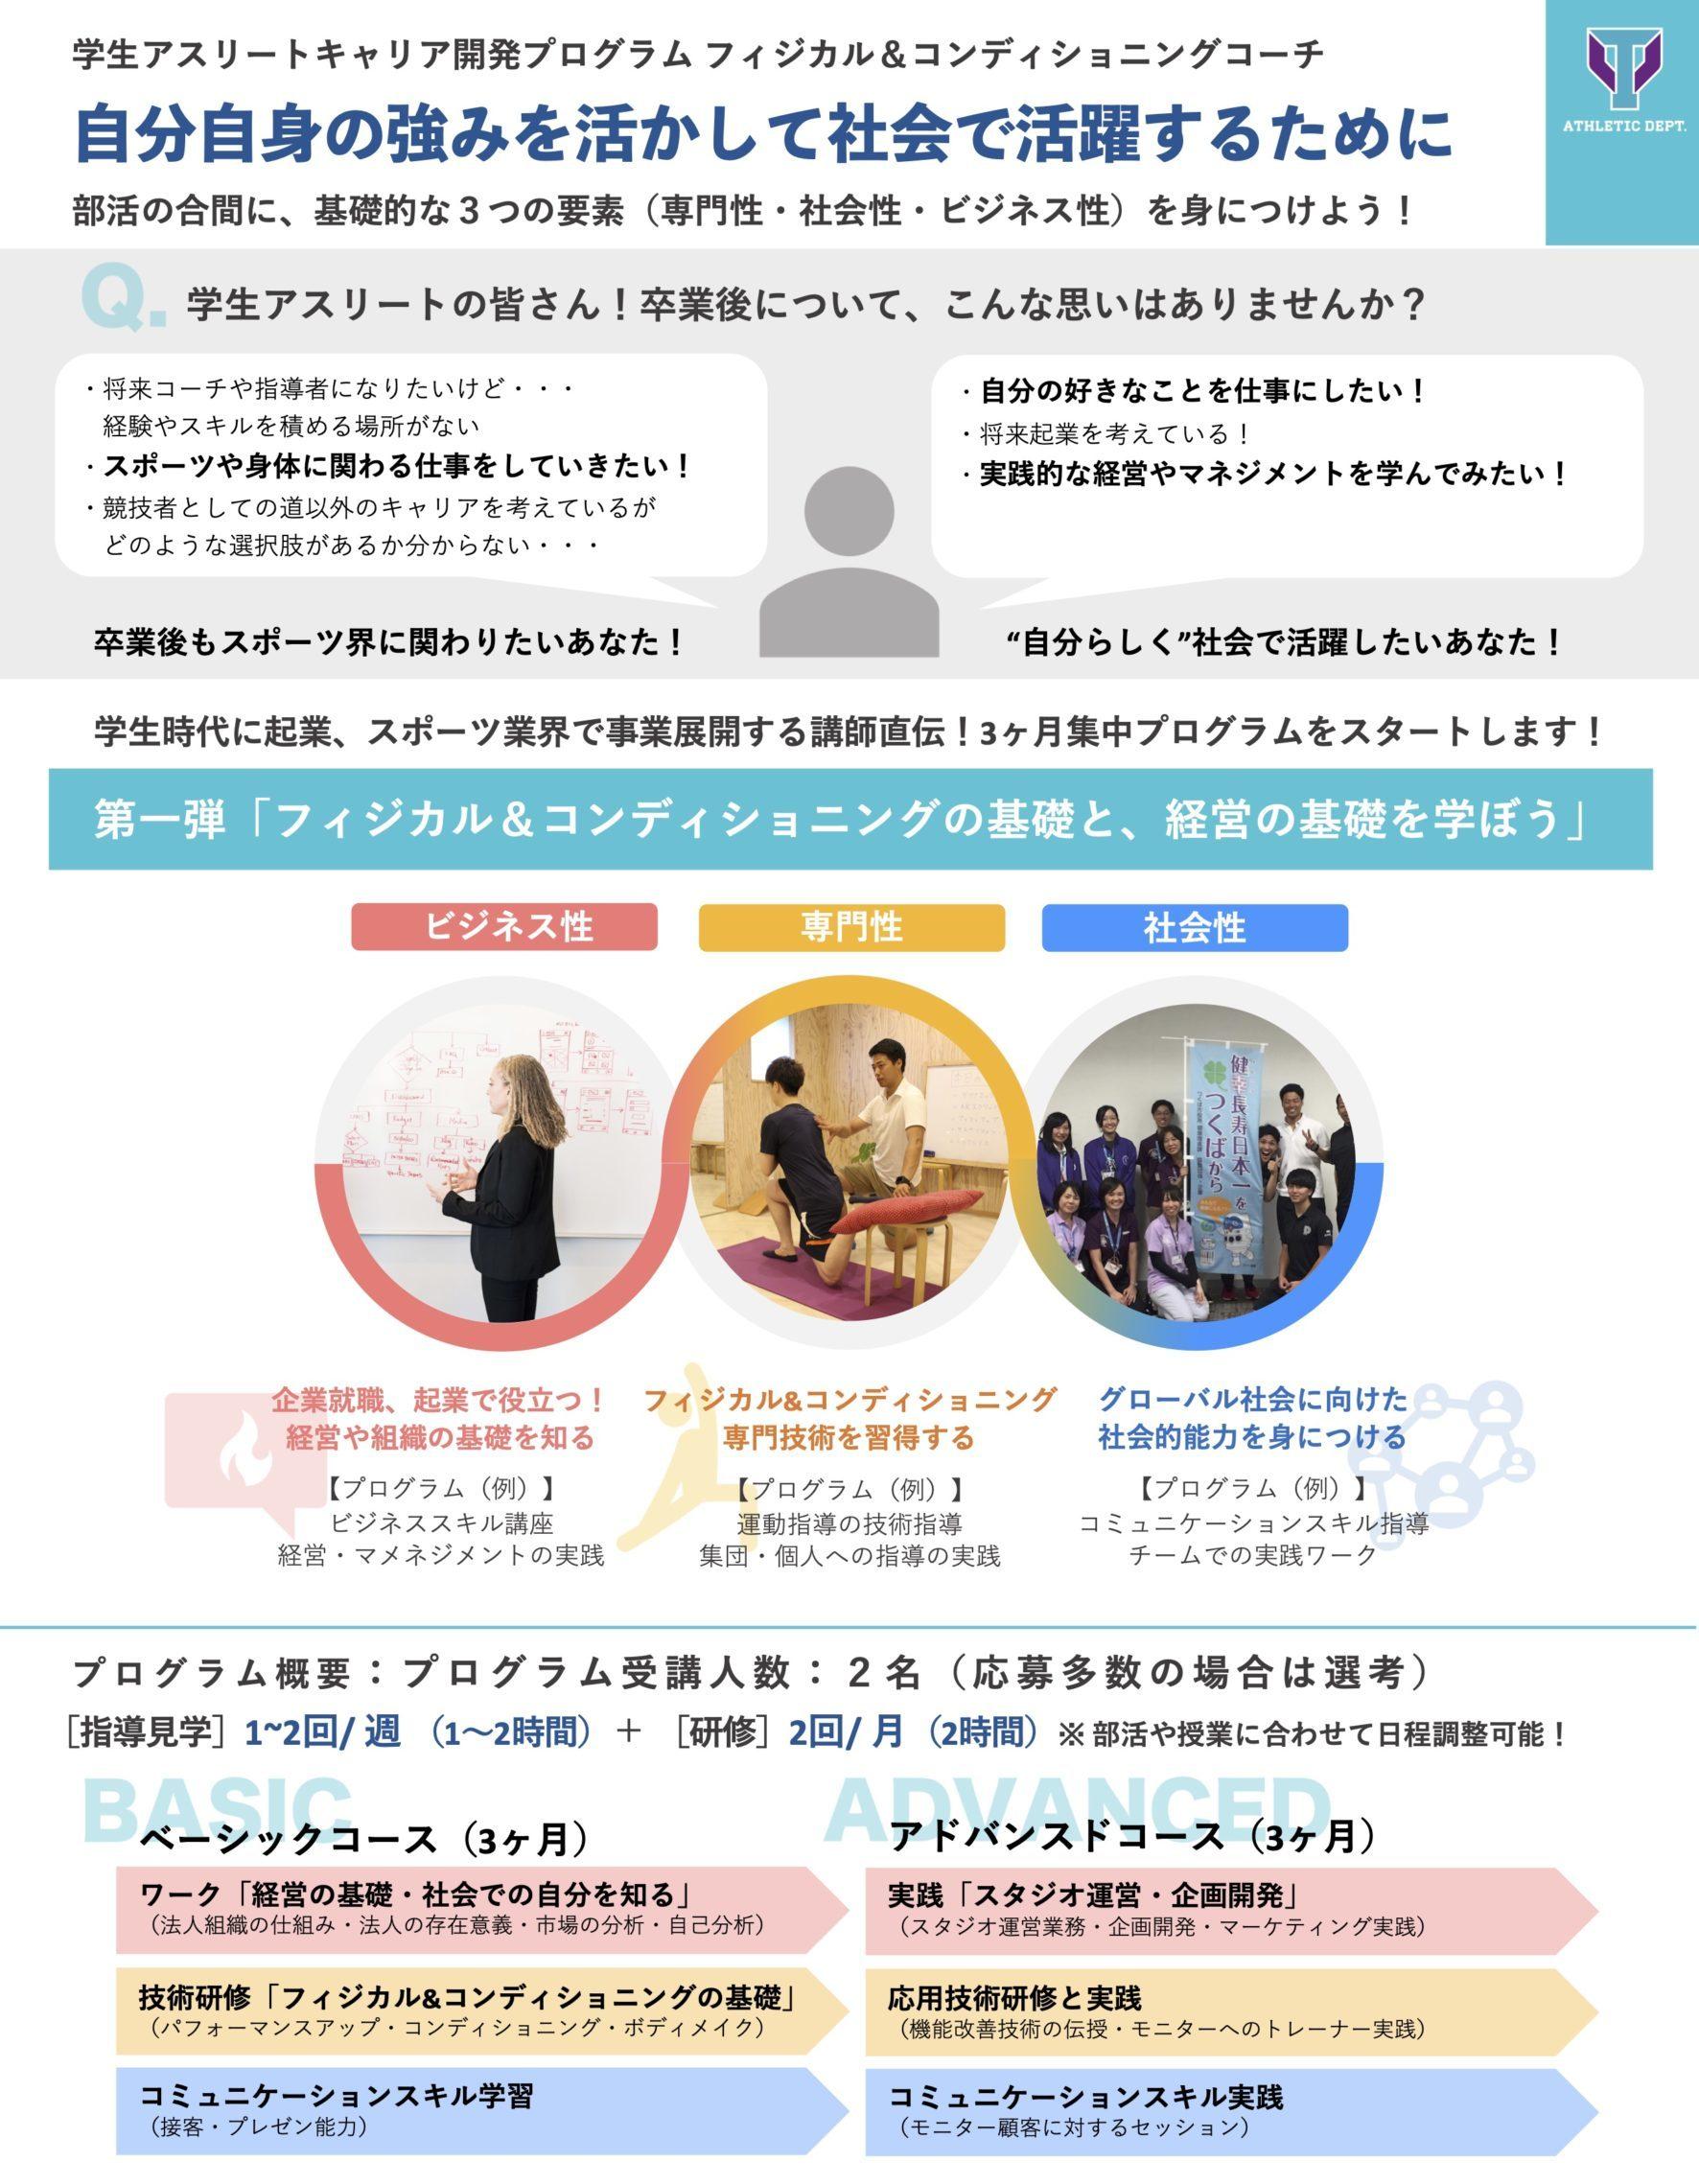 筑波大学アスレティックデパートメント学生アスリートキャリア開発プログラム